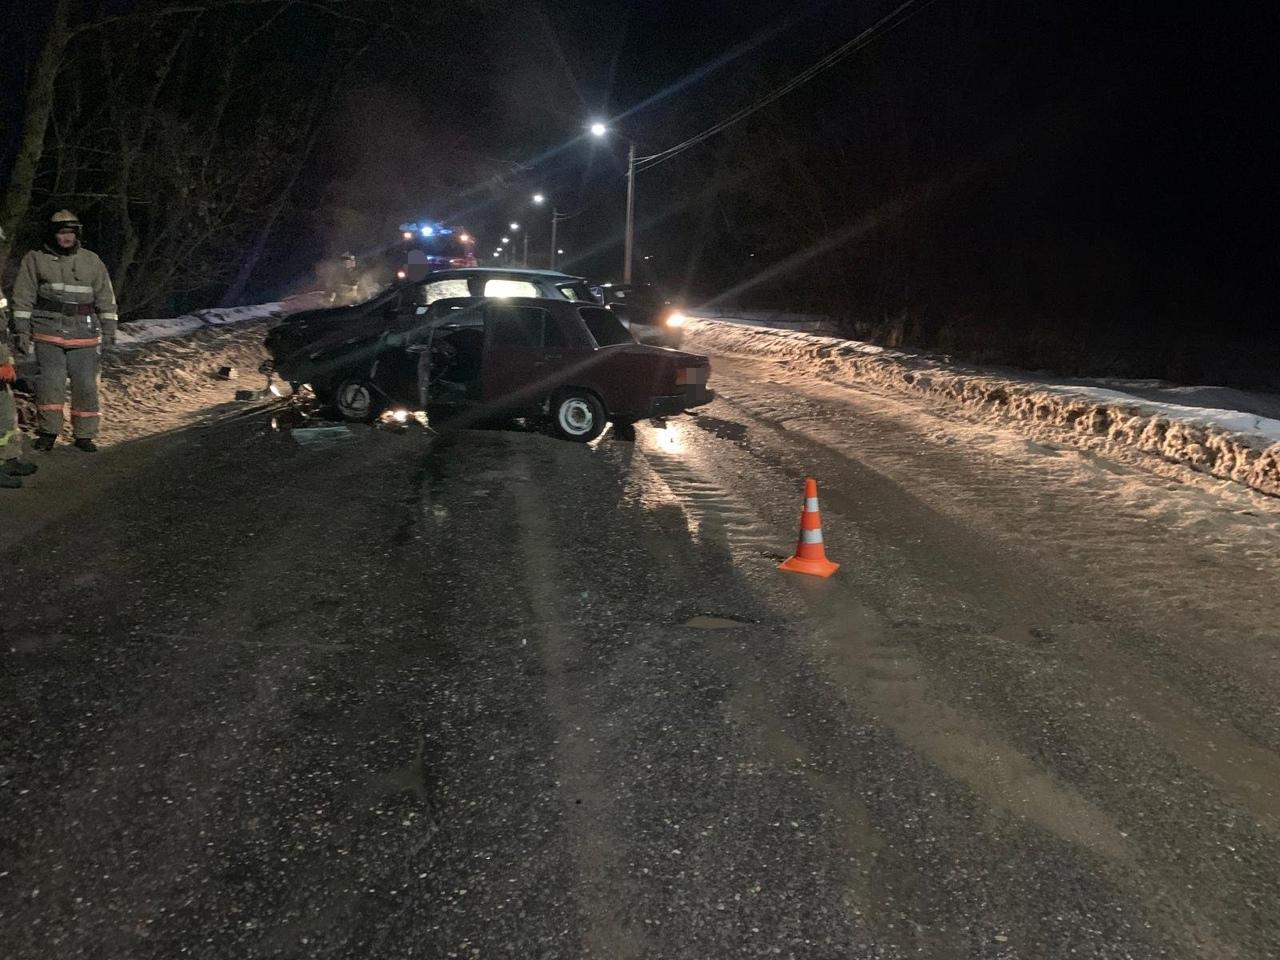 В Тверской области женщина на Ford спровоцировала ДТП с пострадавшим, выехав на встречную полосу - новости Афанасий